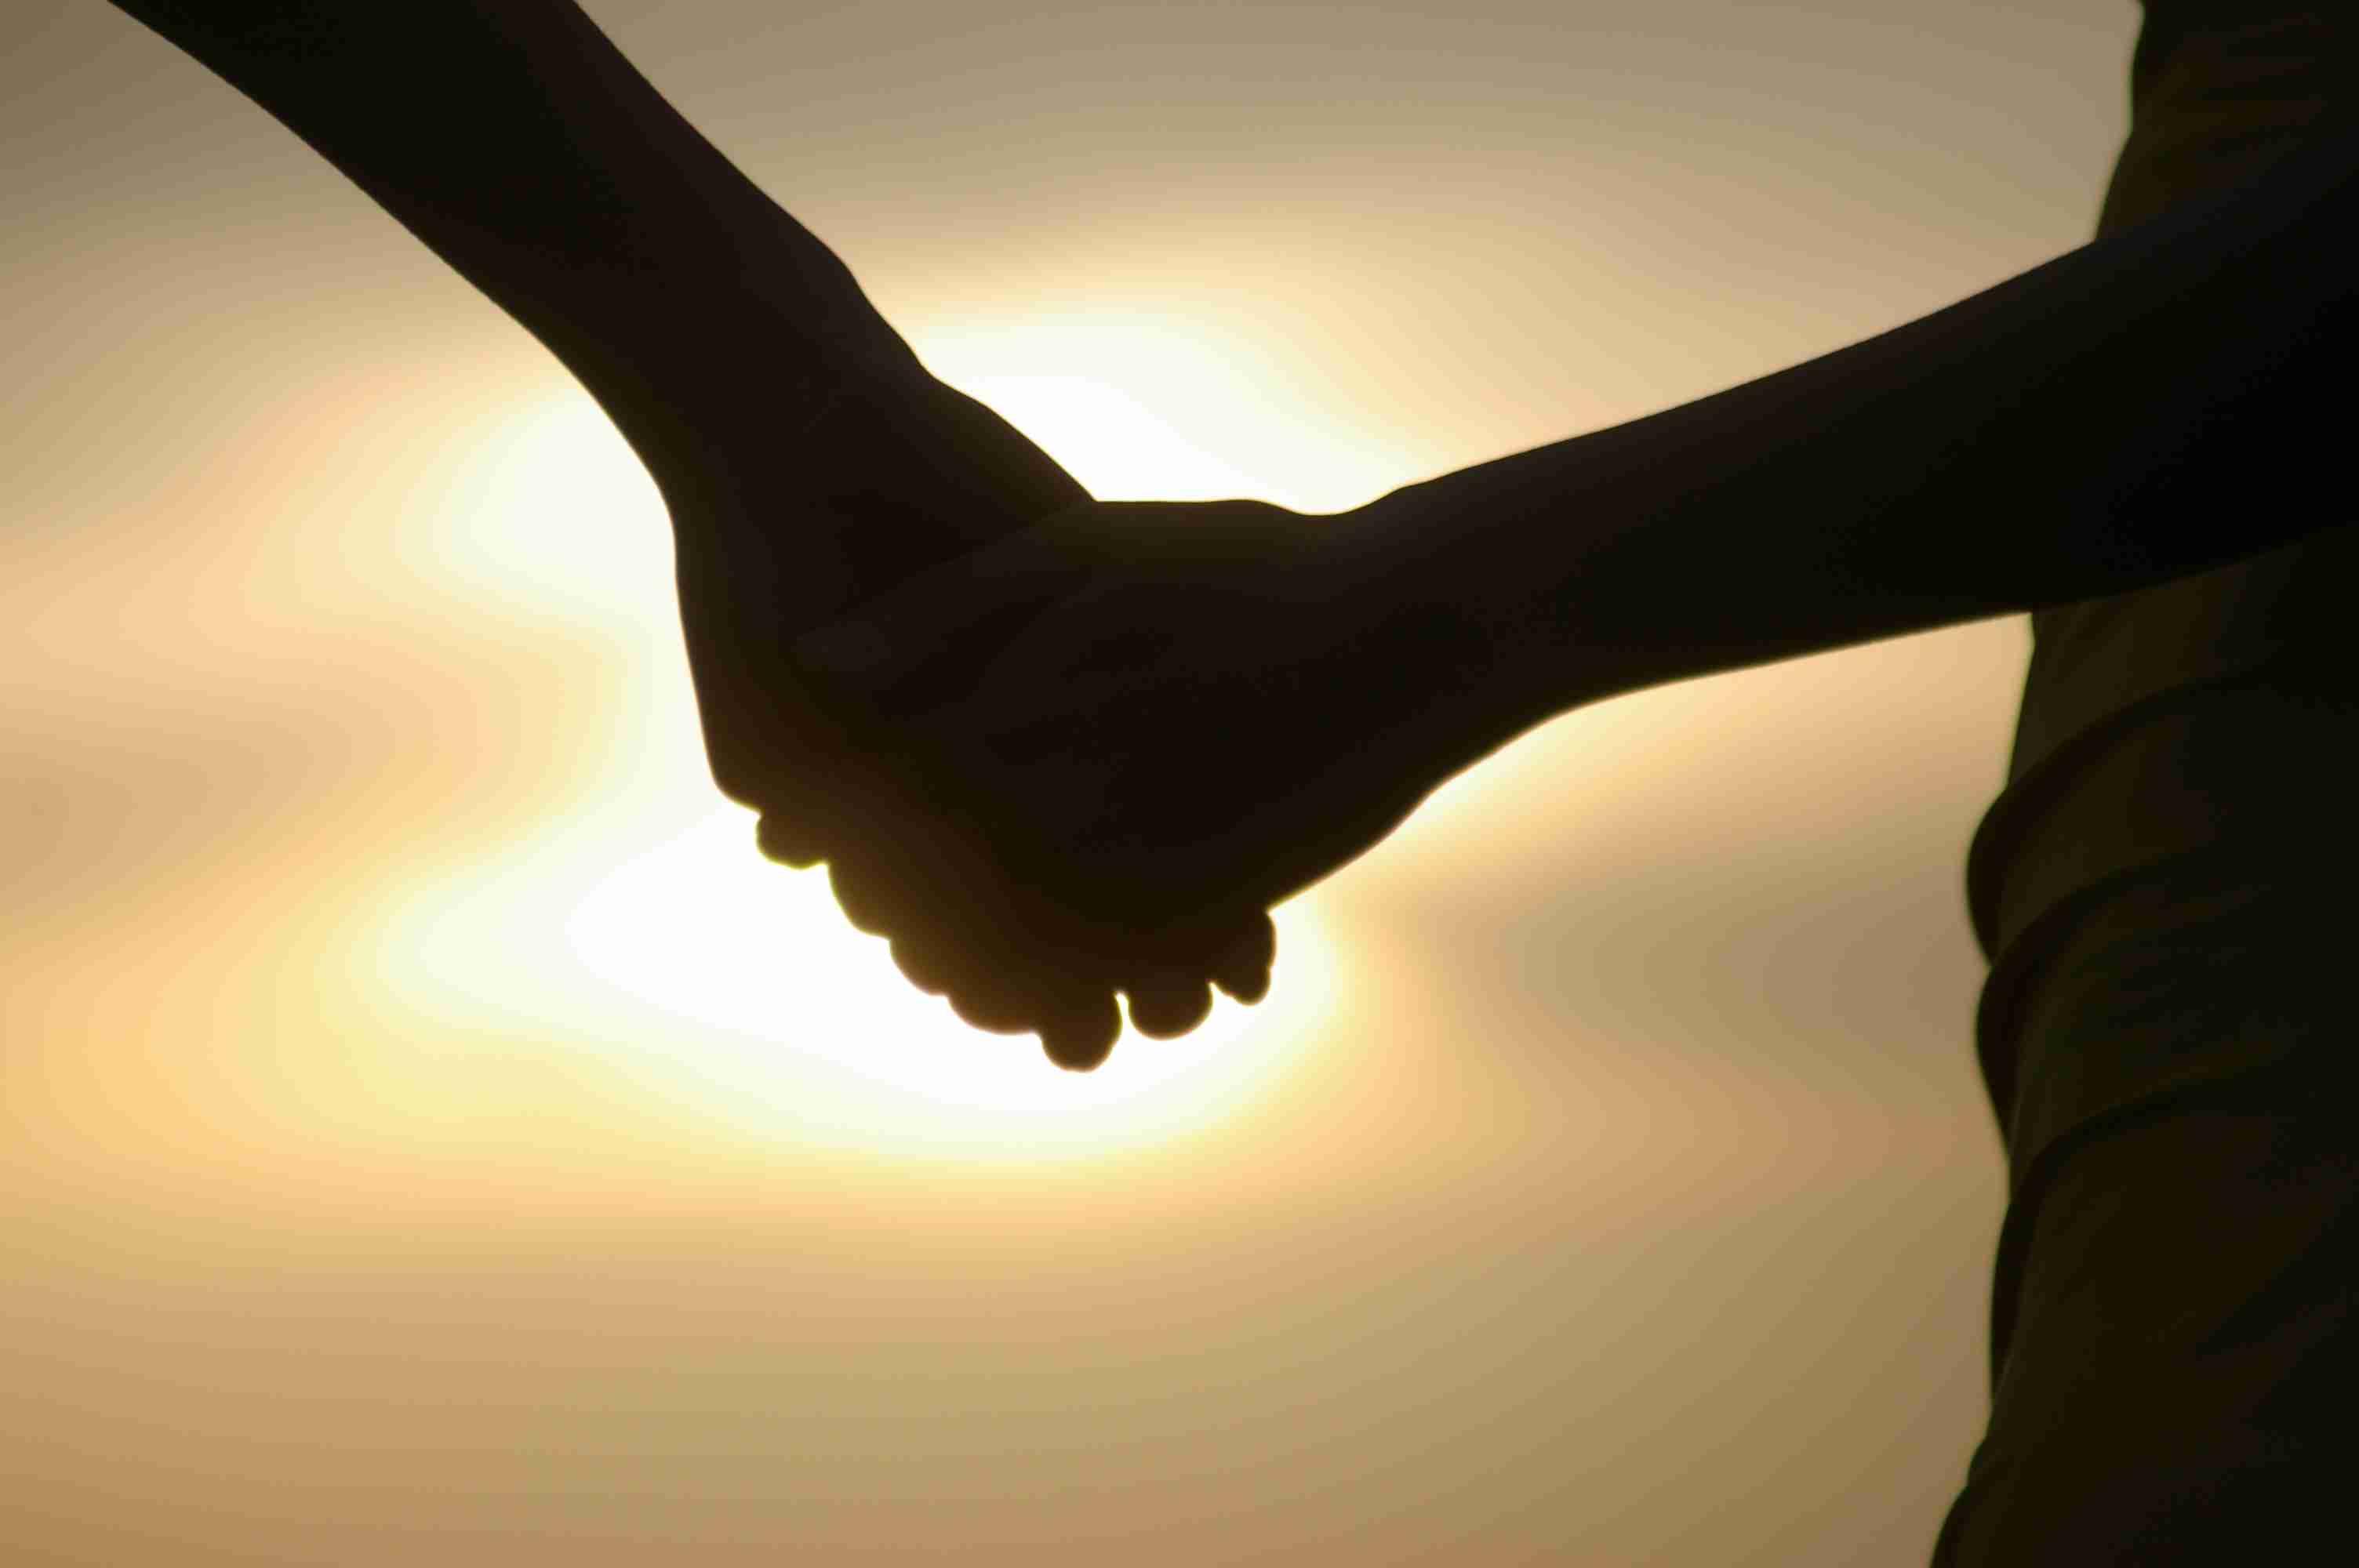 彼氏や旦那さんと、信頼や絆が深まった出来事